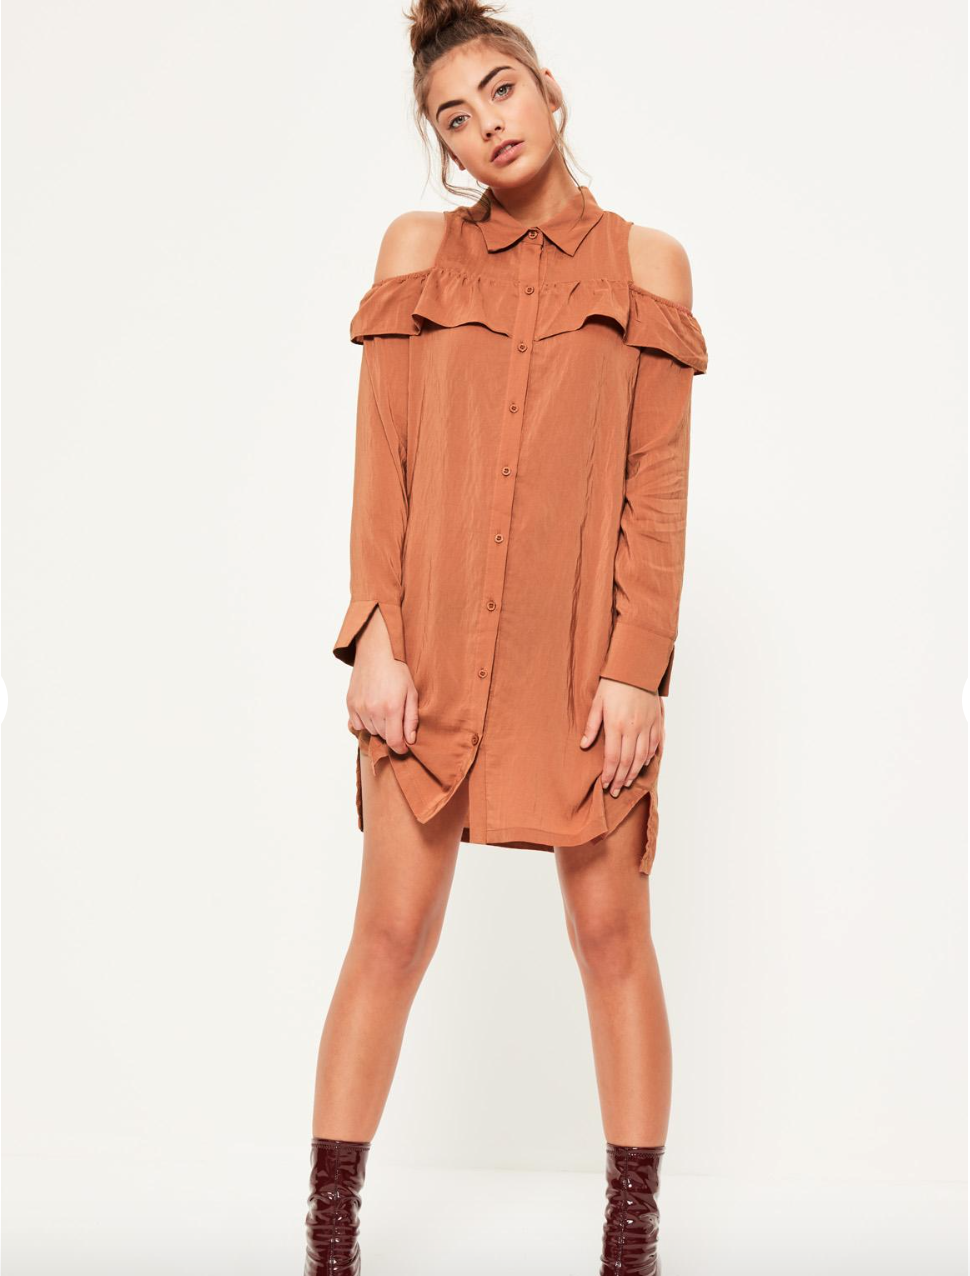 Missguided Cold Shoulder Dress $45.00